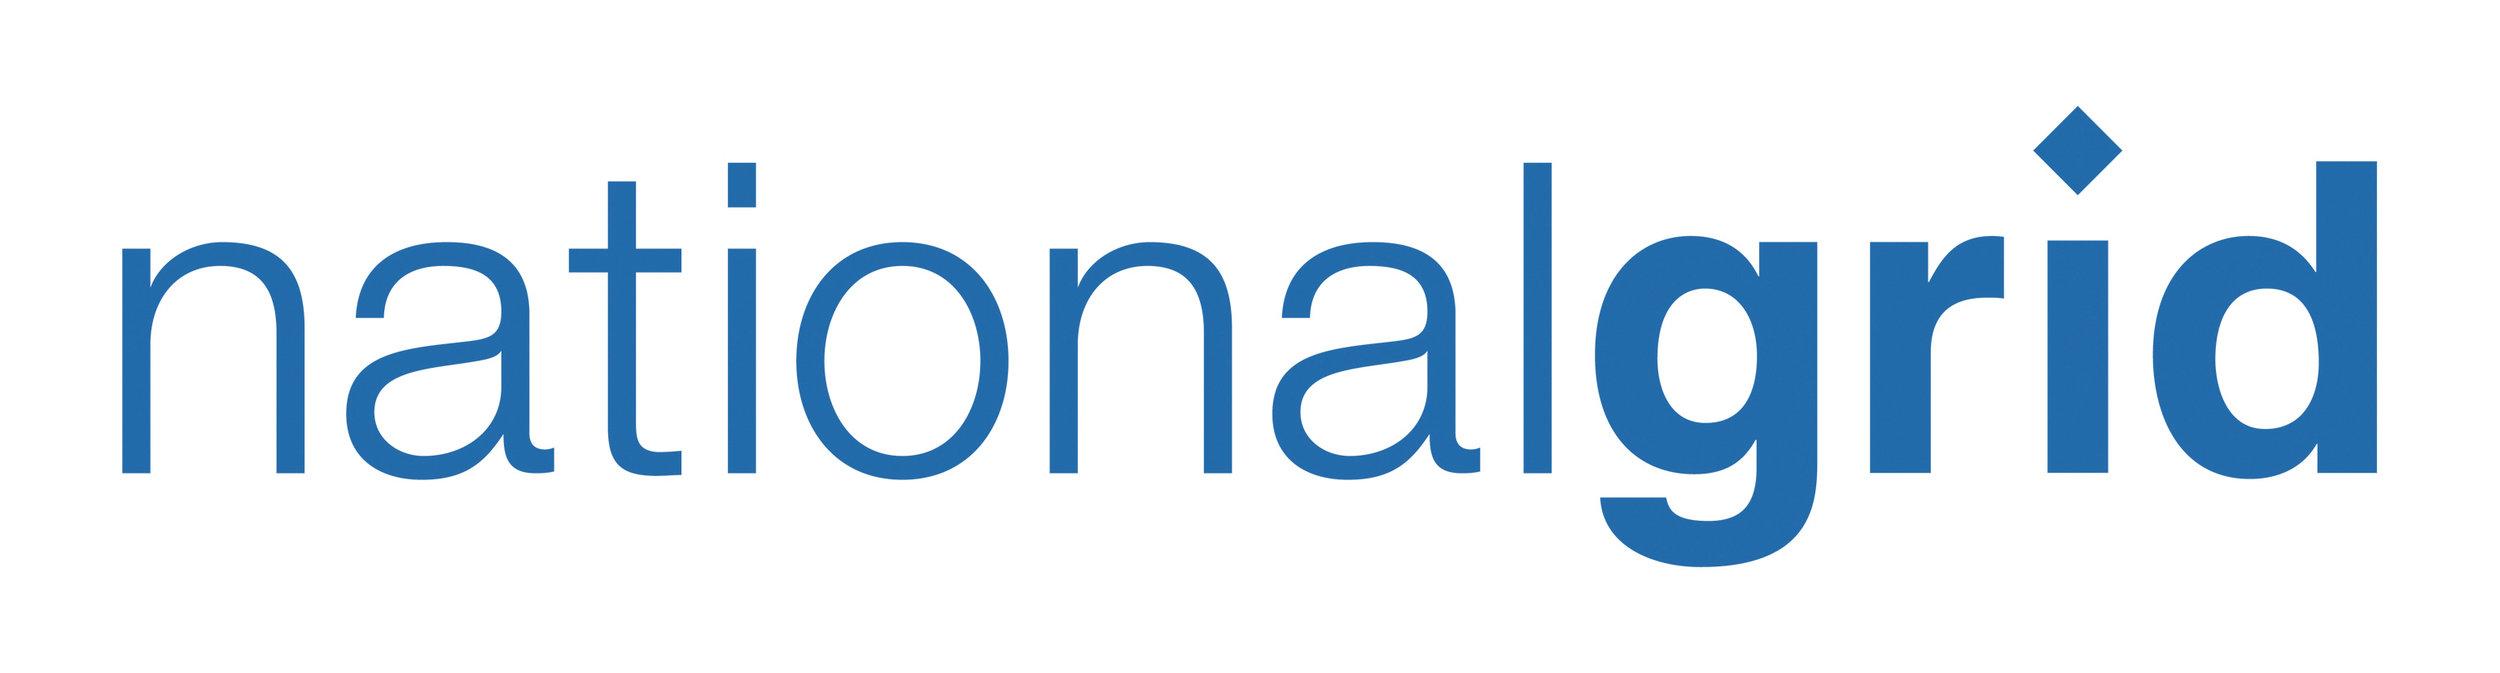 National-Grid-TA-Program.jpg